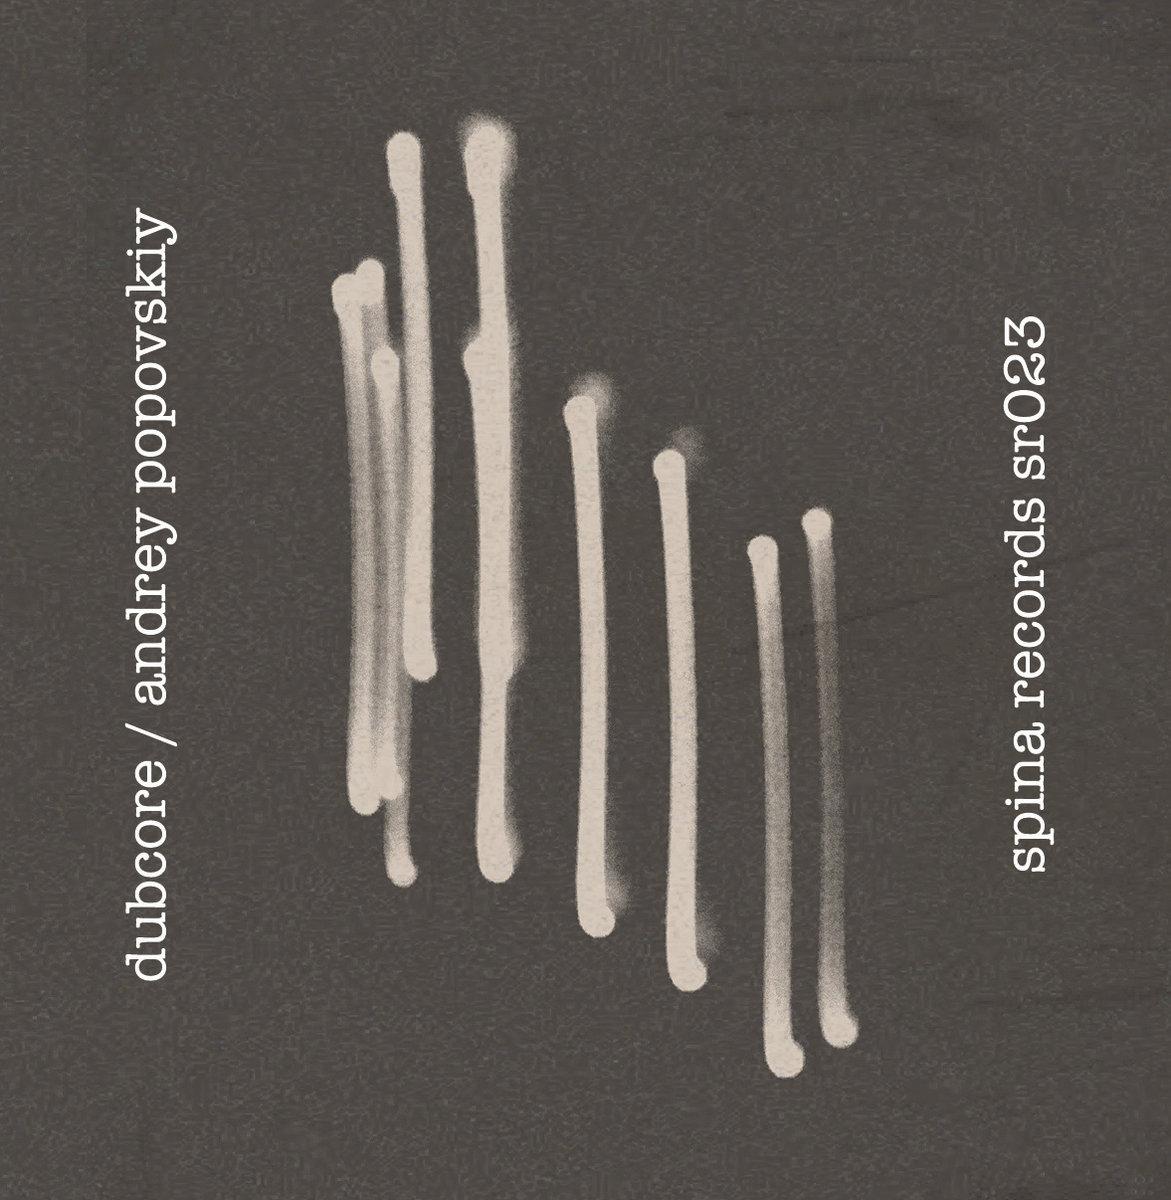 Dubcore / Andrey Popovskiy - Split